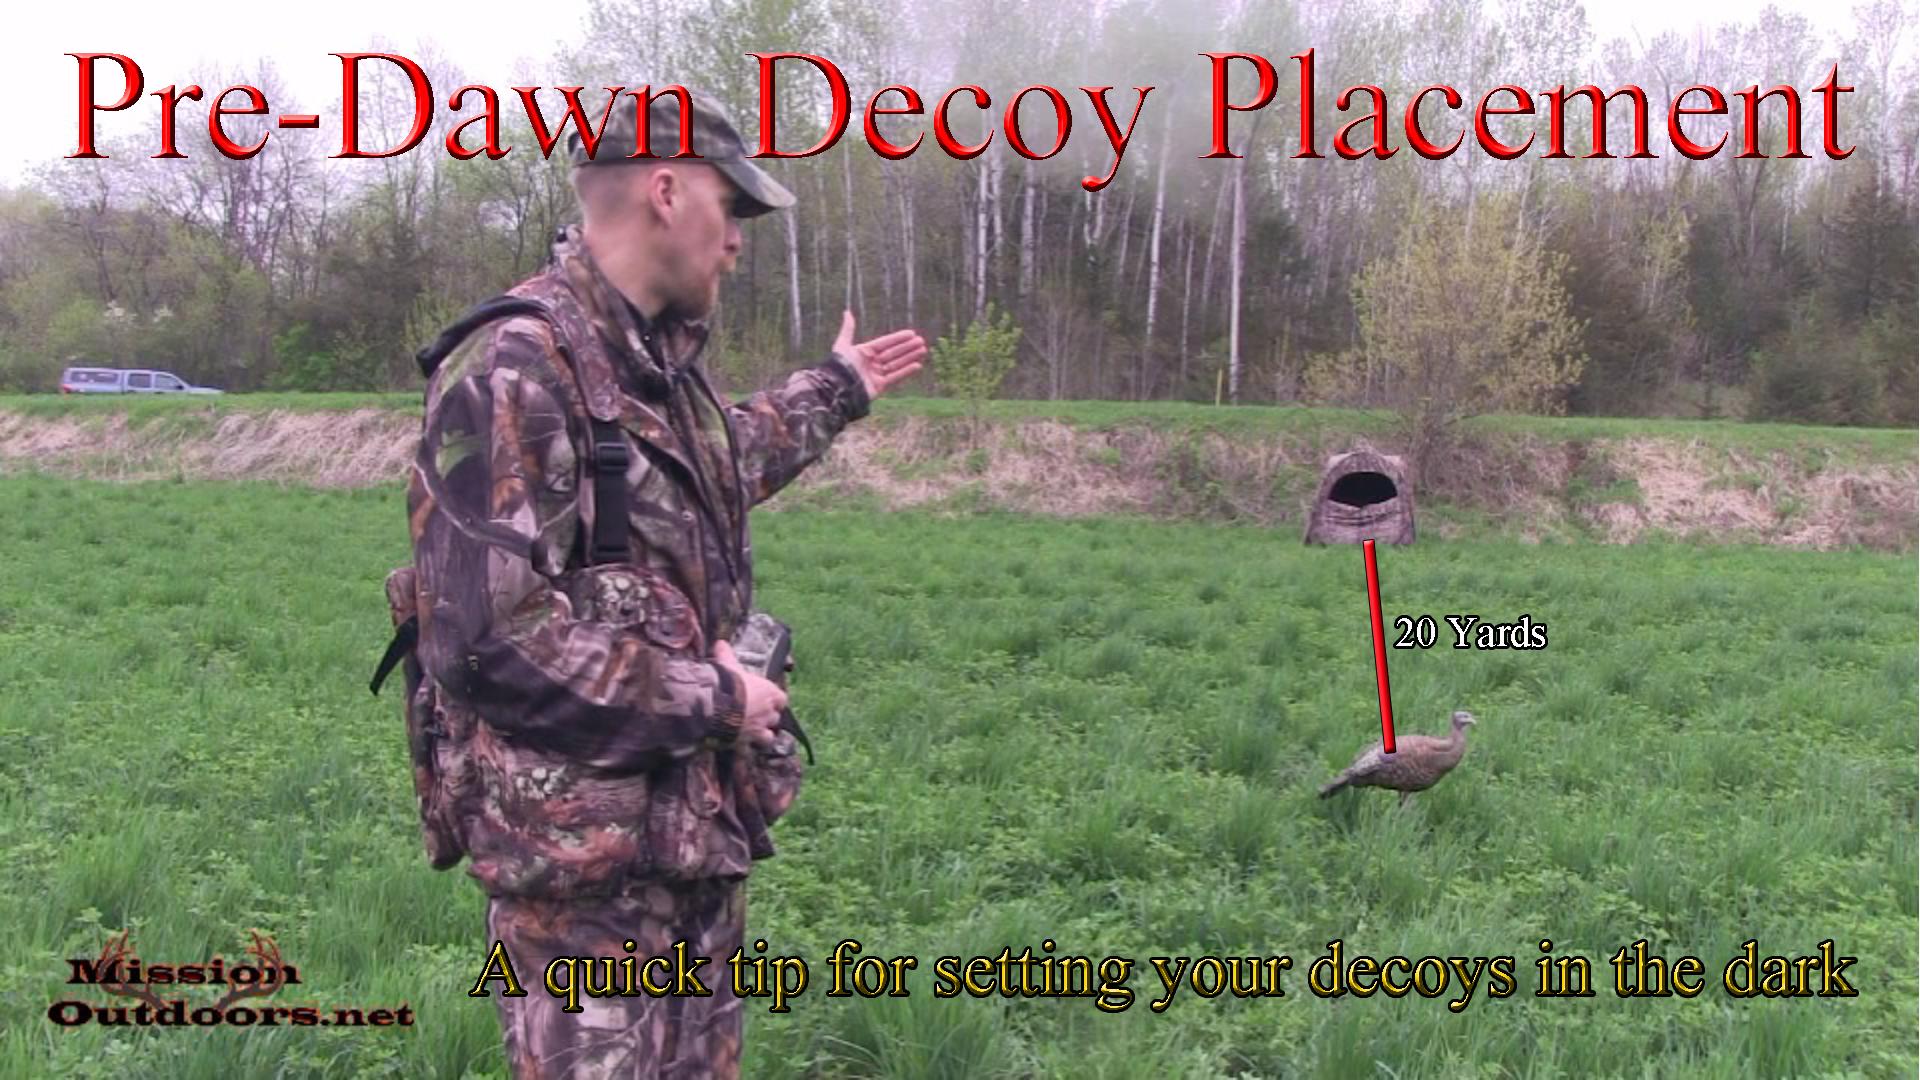 Pre-Dawn Decoy Placement – MissionOutdoors.Net